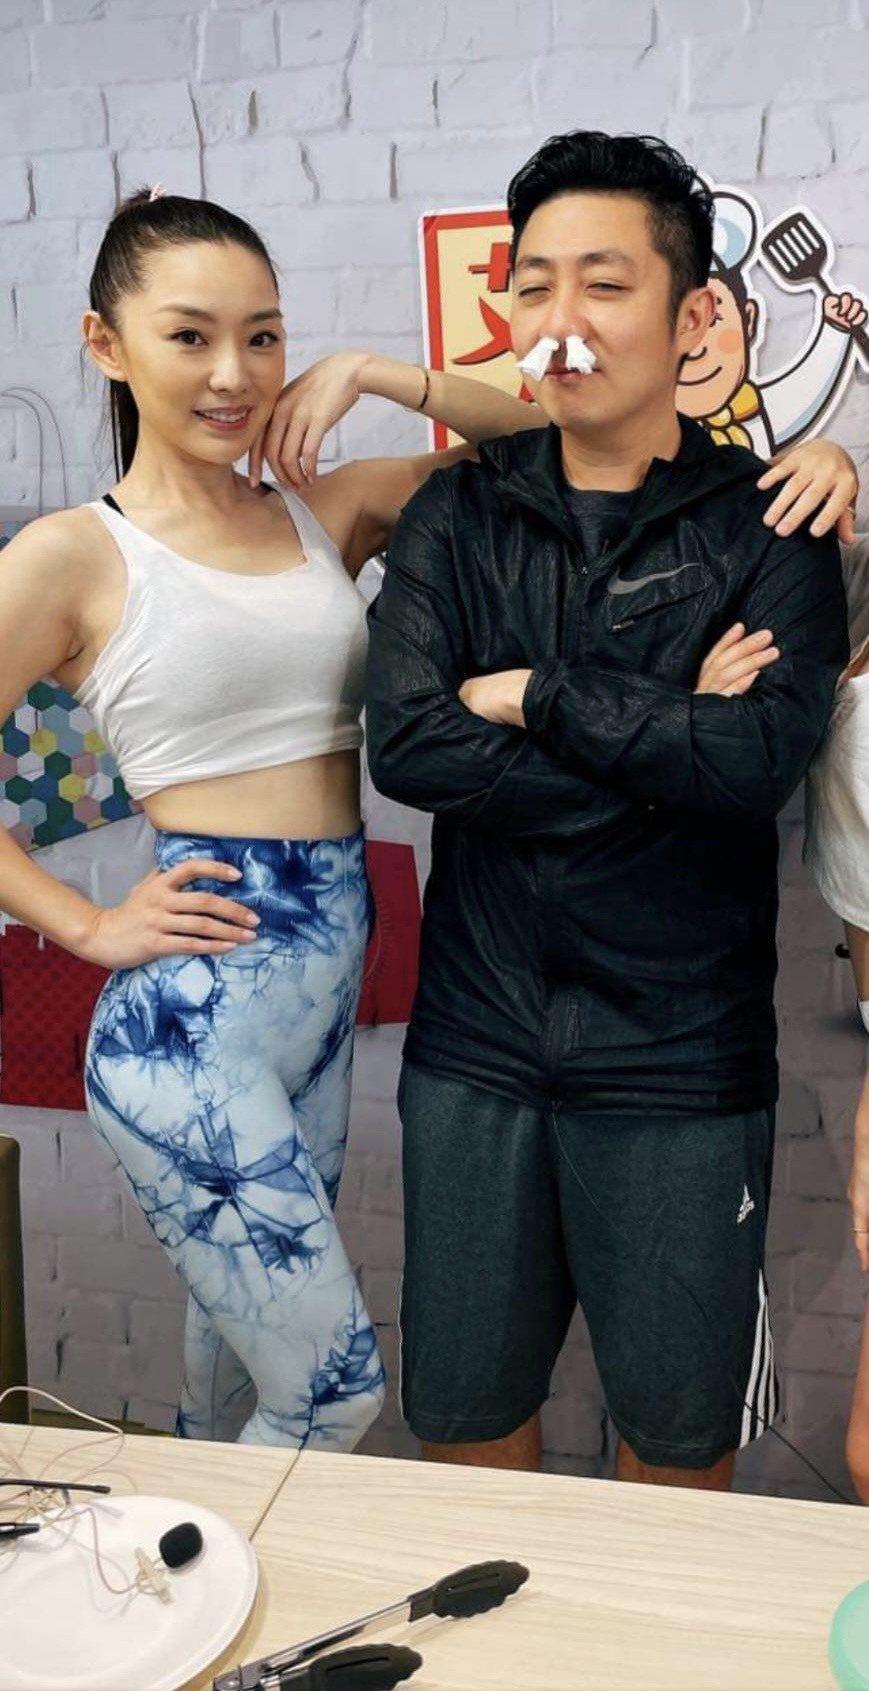 賴芊合(左)近期和艾成主持網路直播節目「艾吃鬼」。圖/民視鳳凰藝能提供